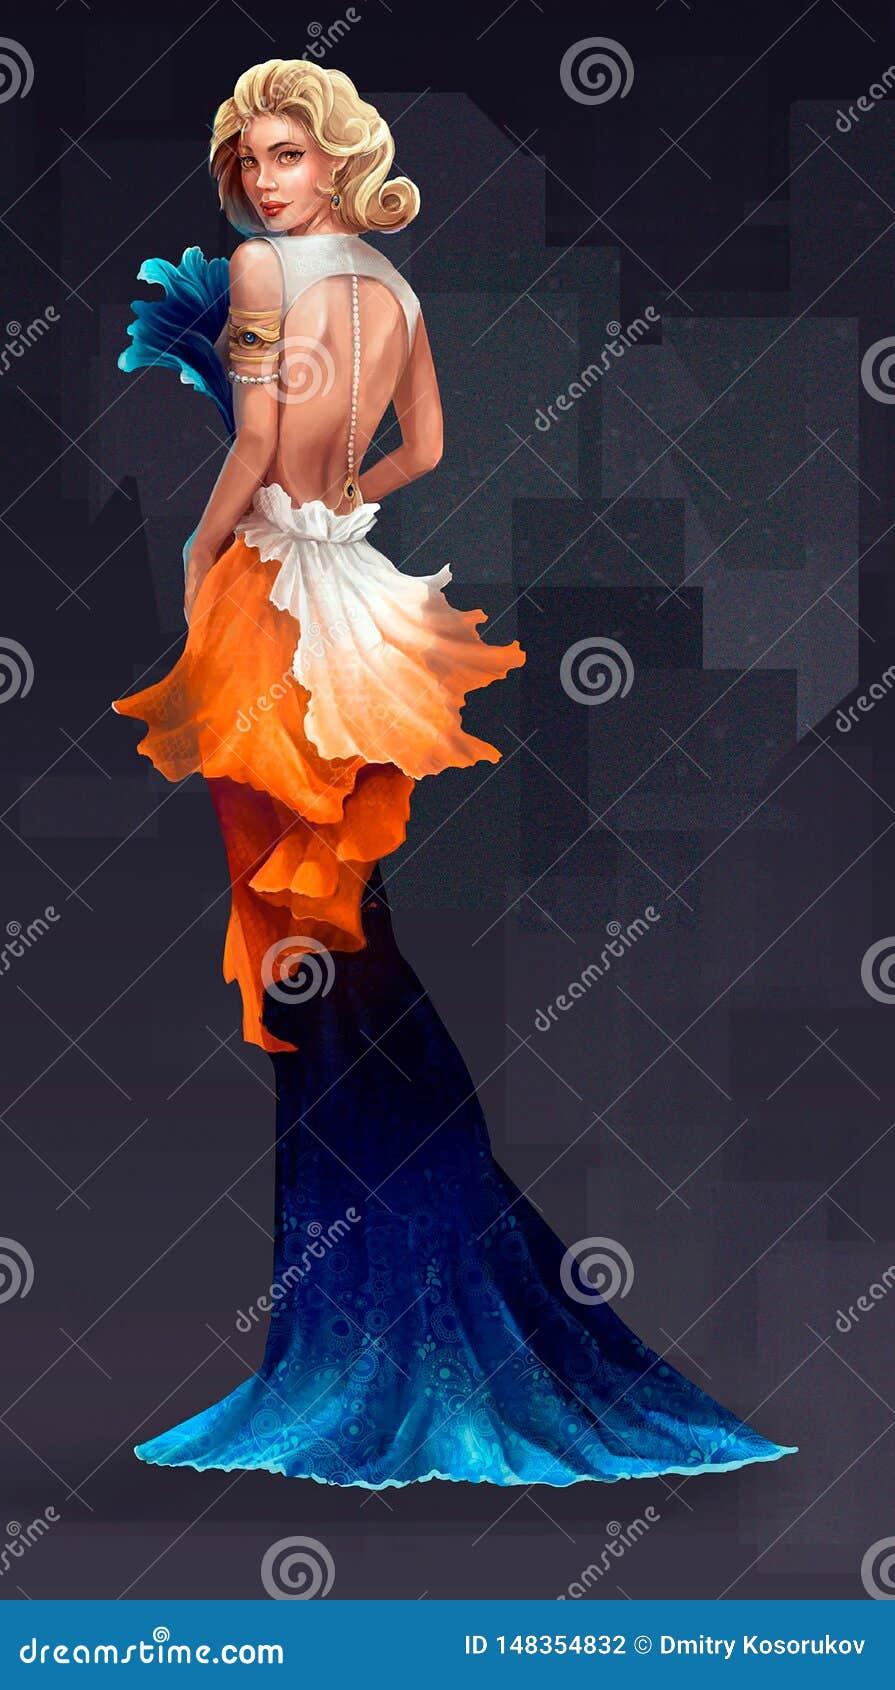 Illustration av en kvinna från högt samhälle